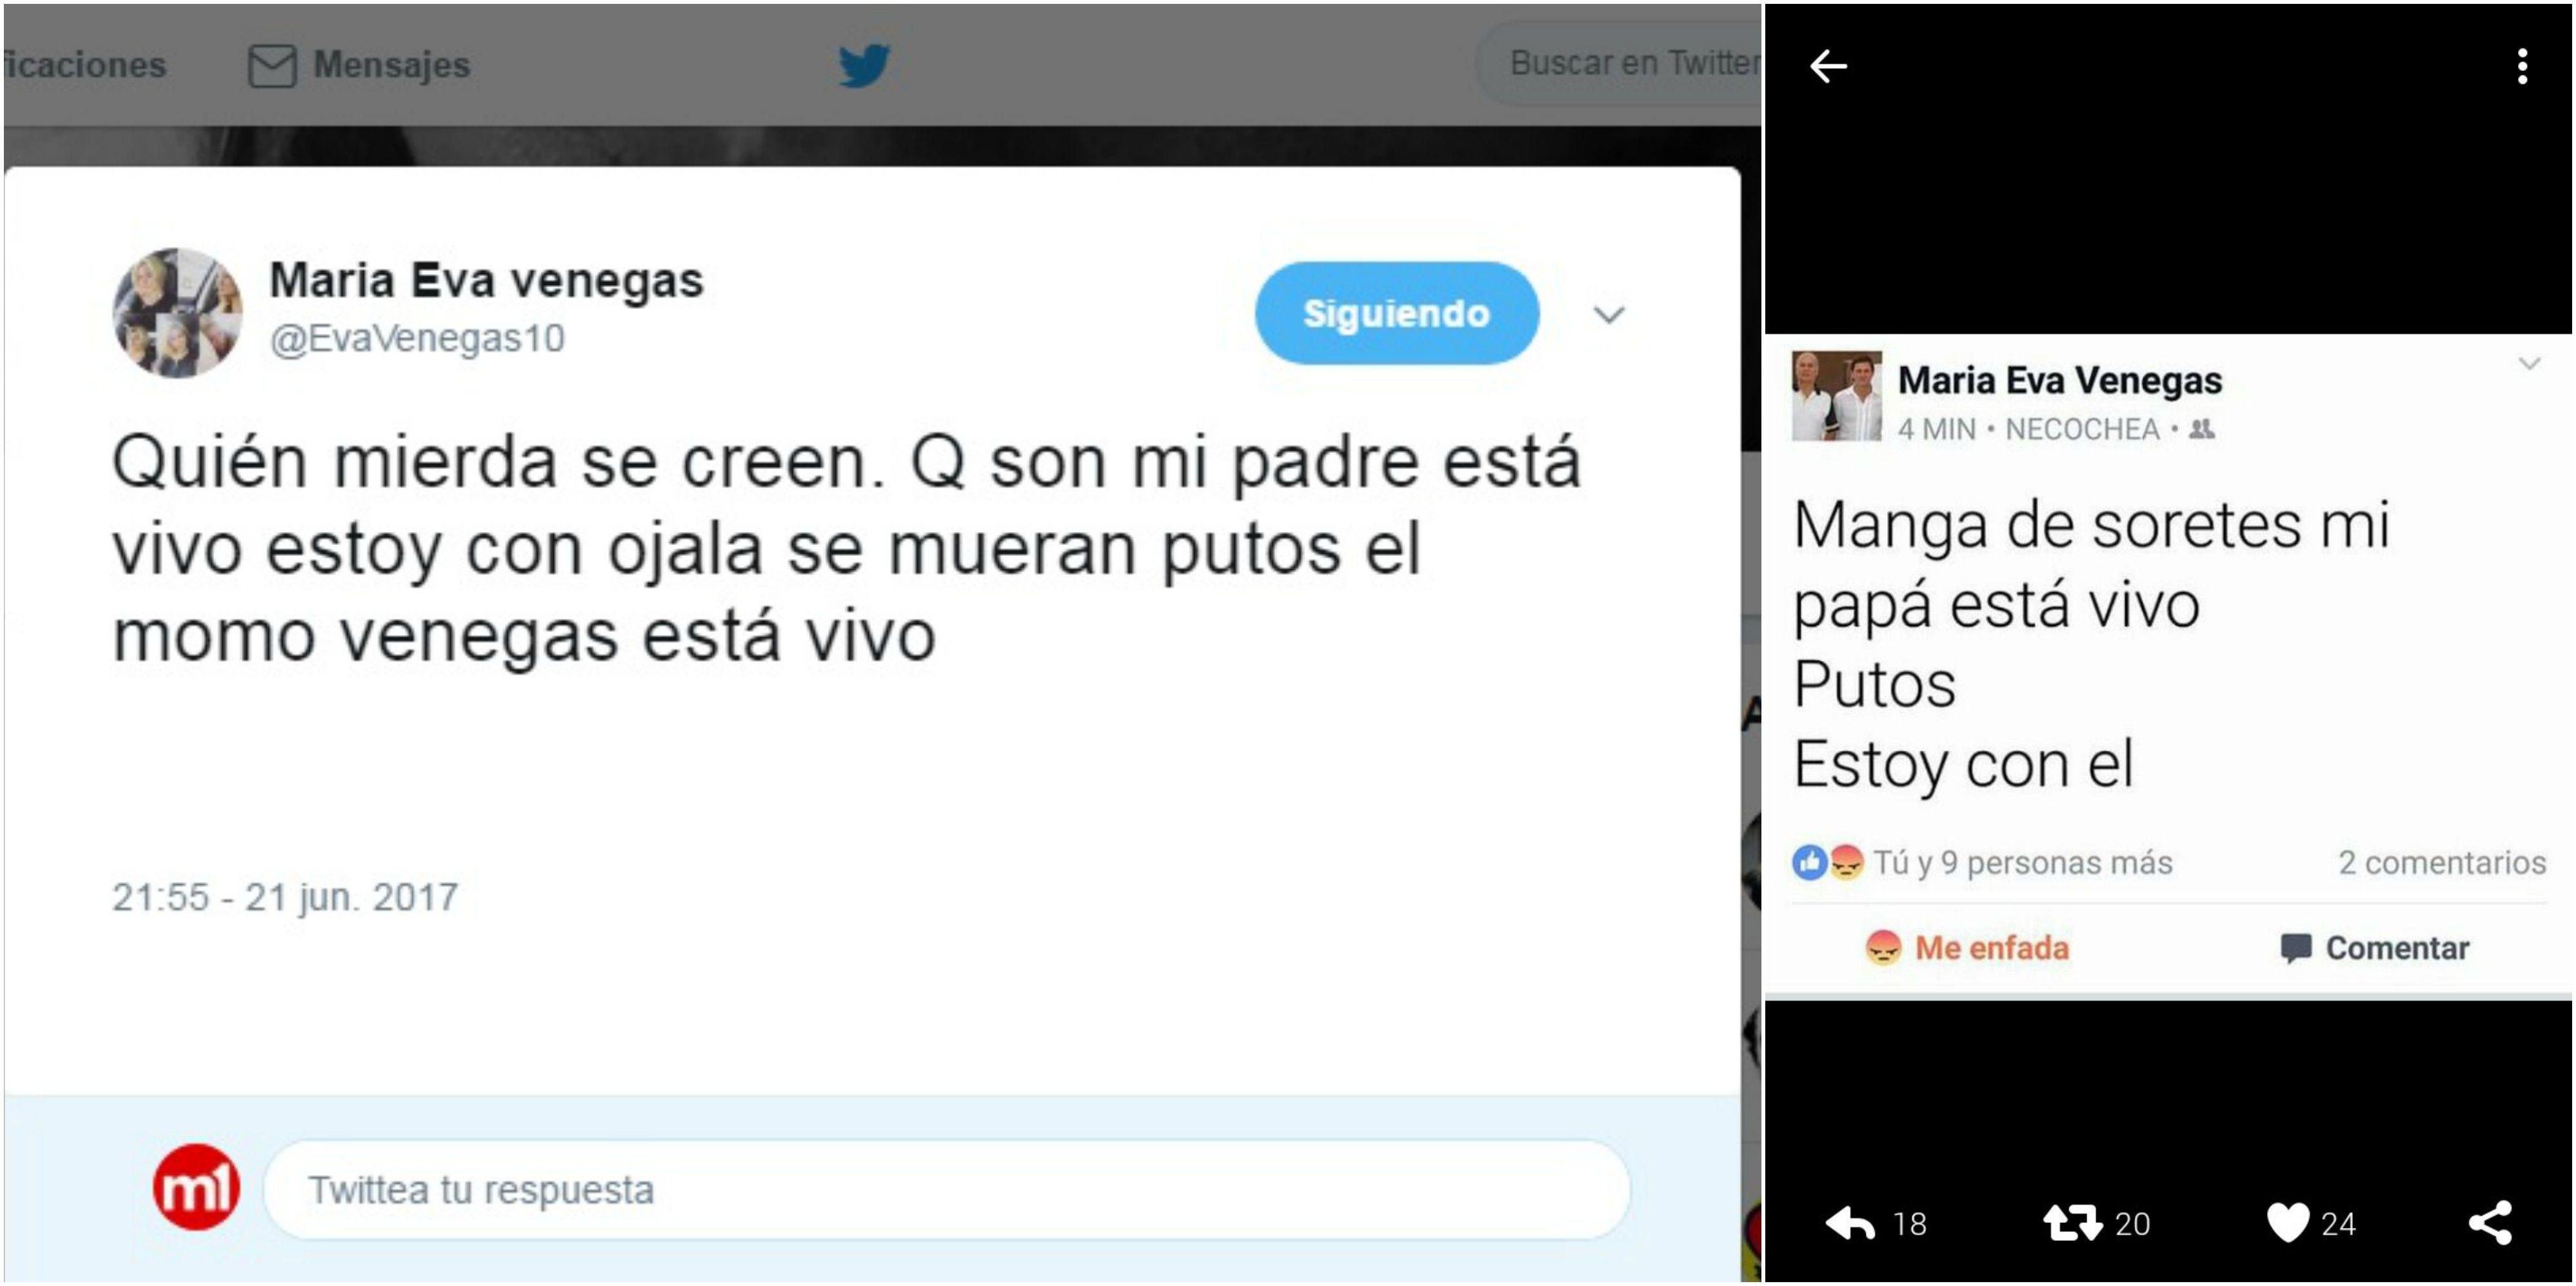 Redes sociales de María Eva Venegas